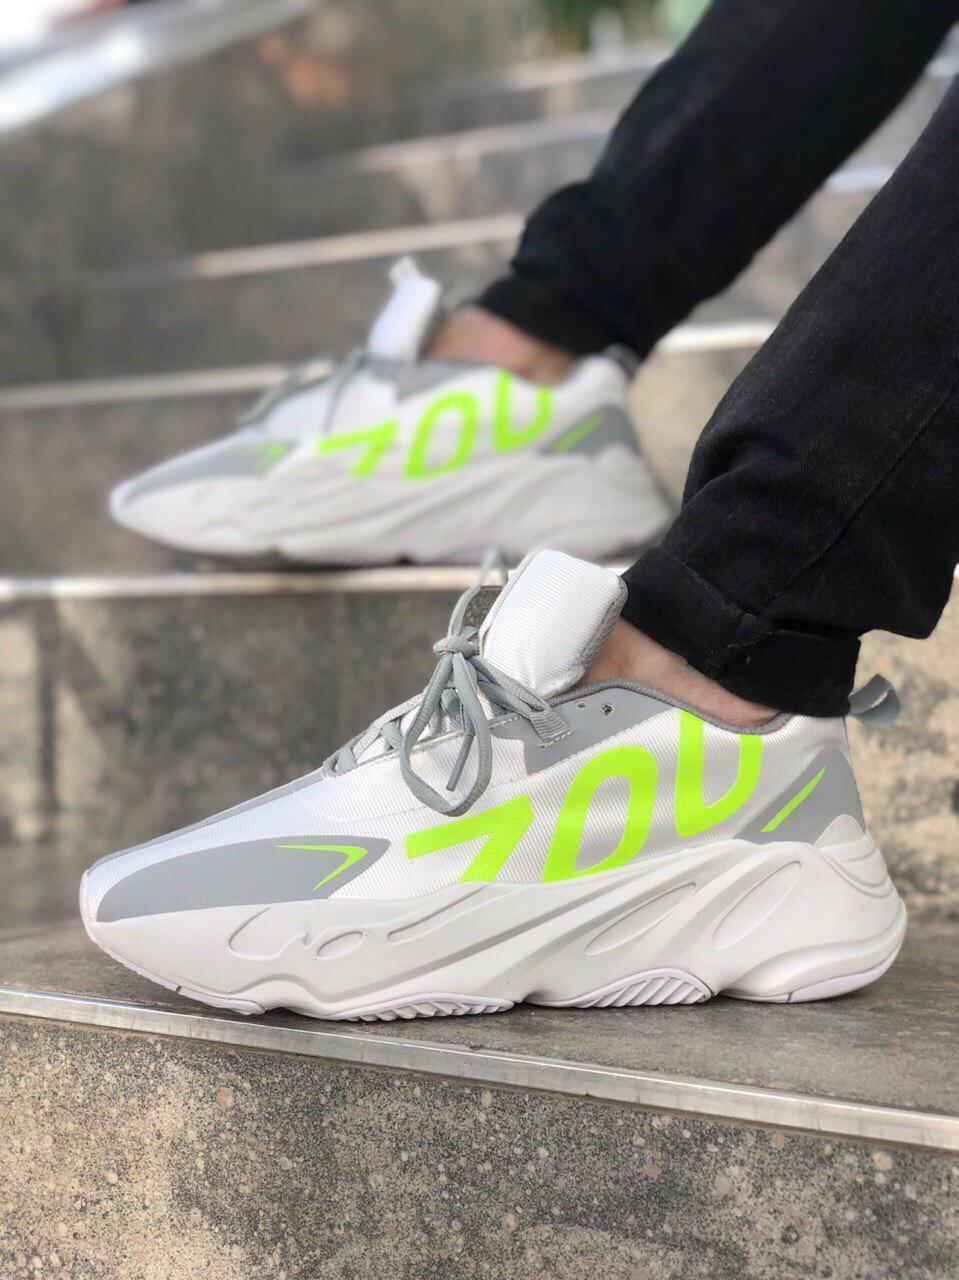 Мужские кроссовки adidas yeezy 700(Адидас Изи 700)